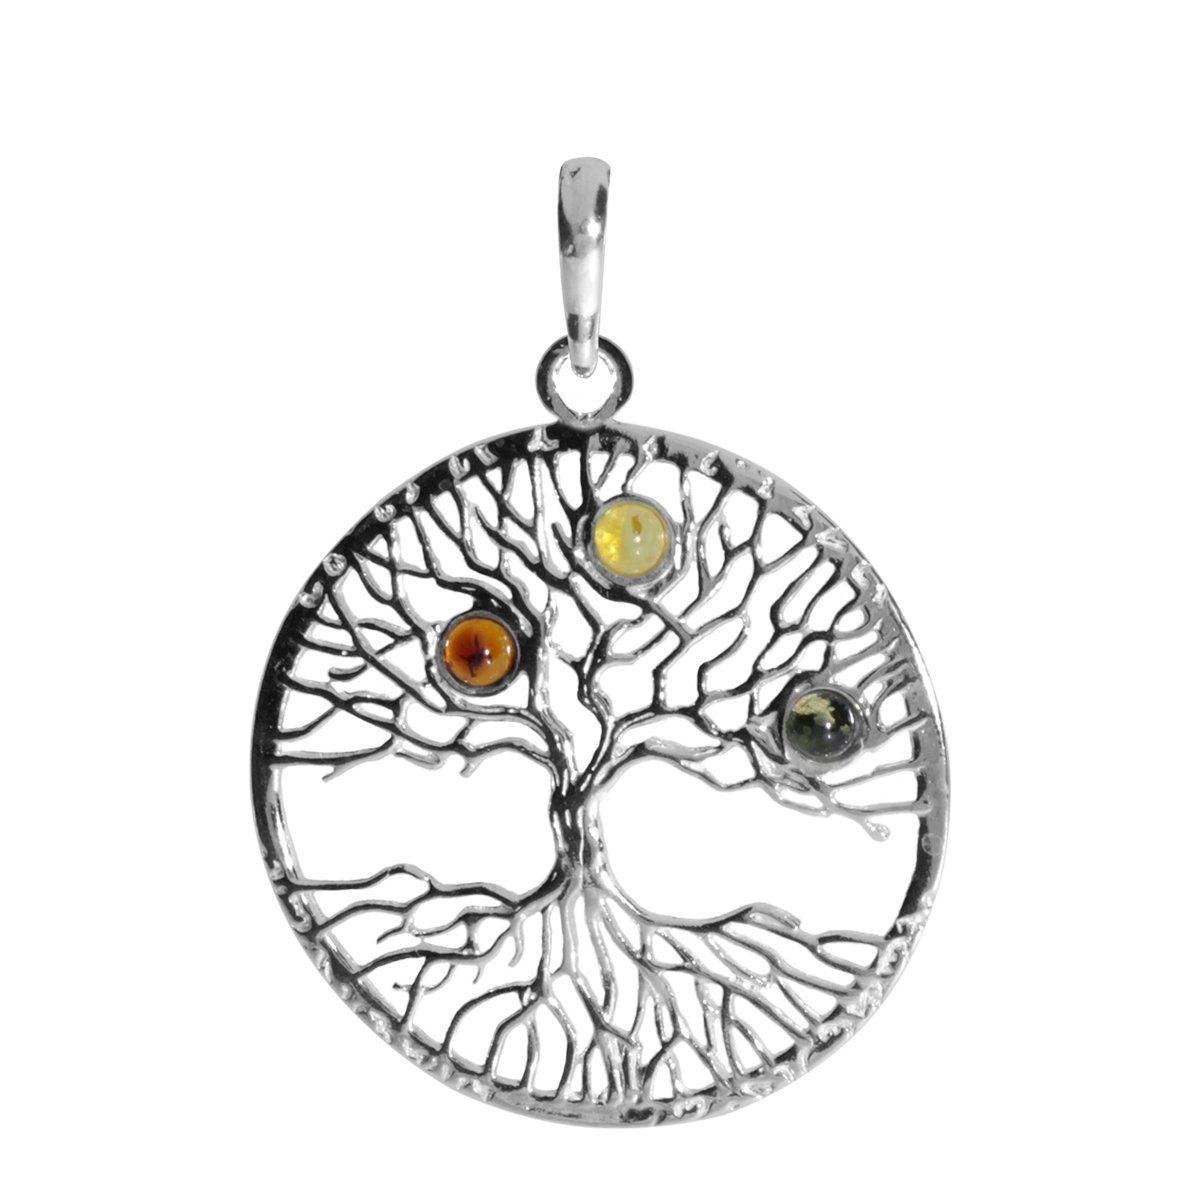 OSTSEE-SCHMUCK Kettenanhänger »Lebensbaum Silber 925/000 Bernstein« | Schmuck > Halsketten > Ketten ohne Anhänger | Silber | OSTSEE-SCHMUCK